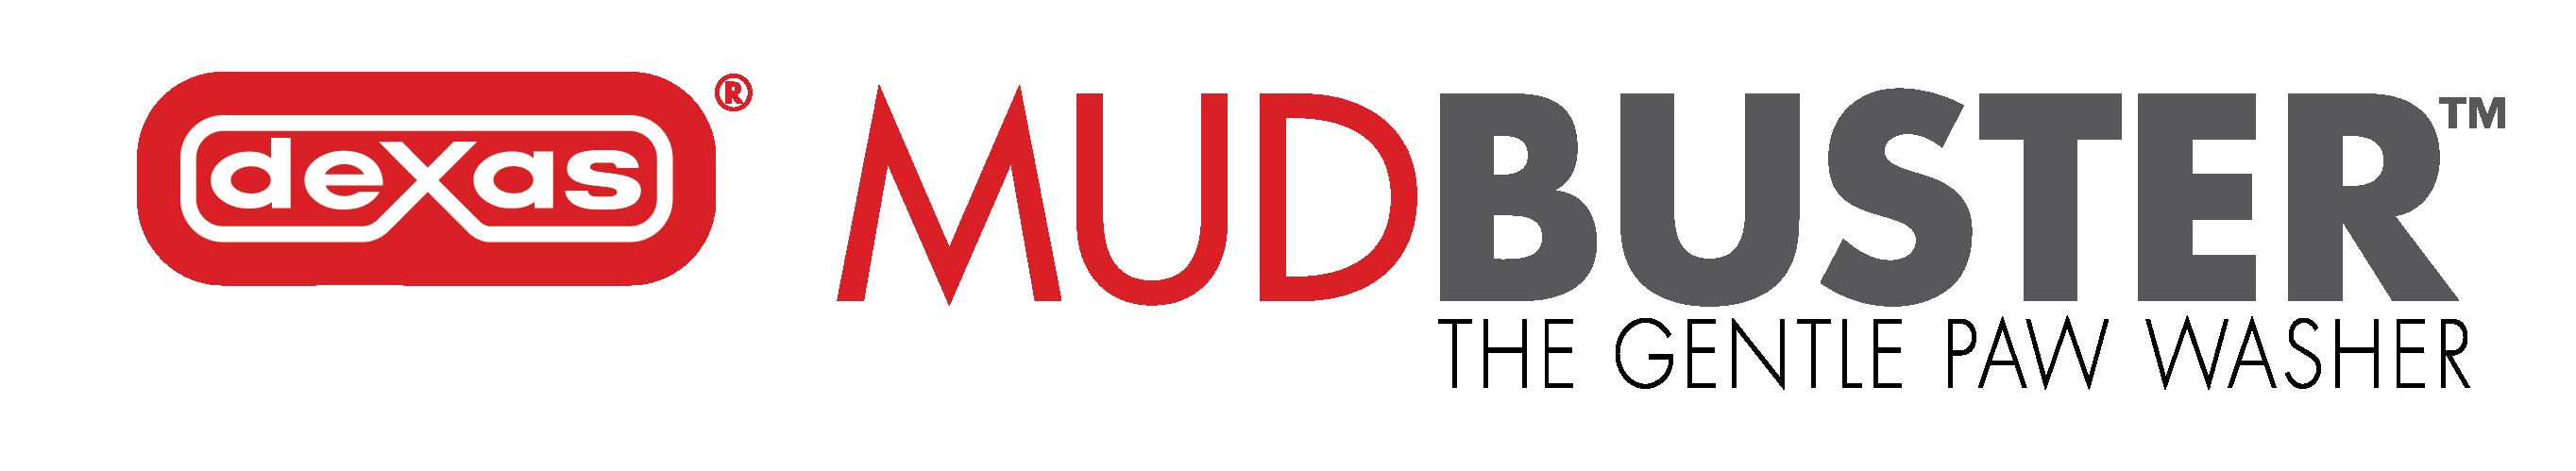 Dexas Mudbuster Logo